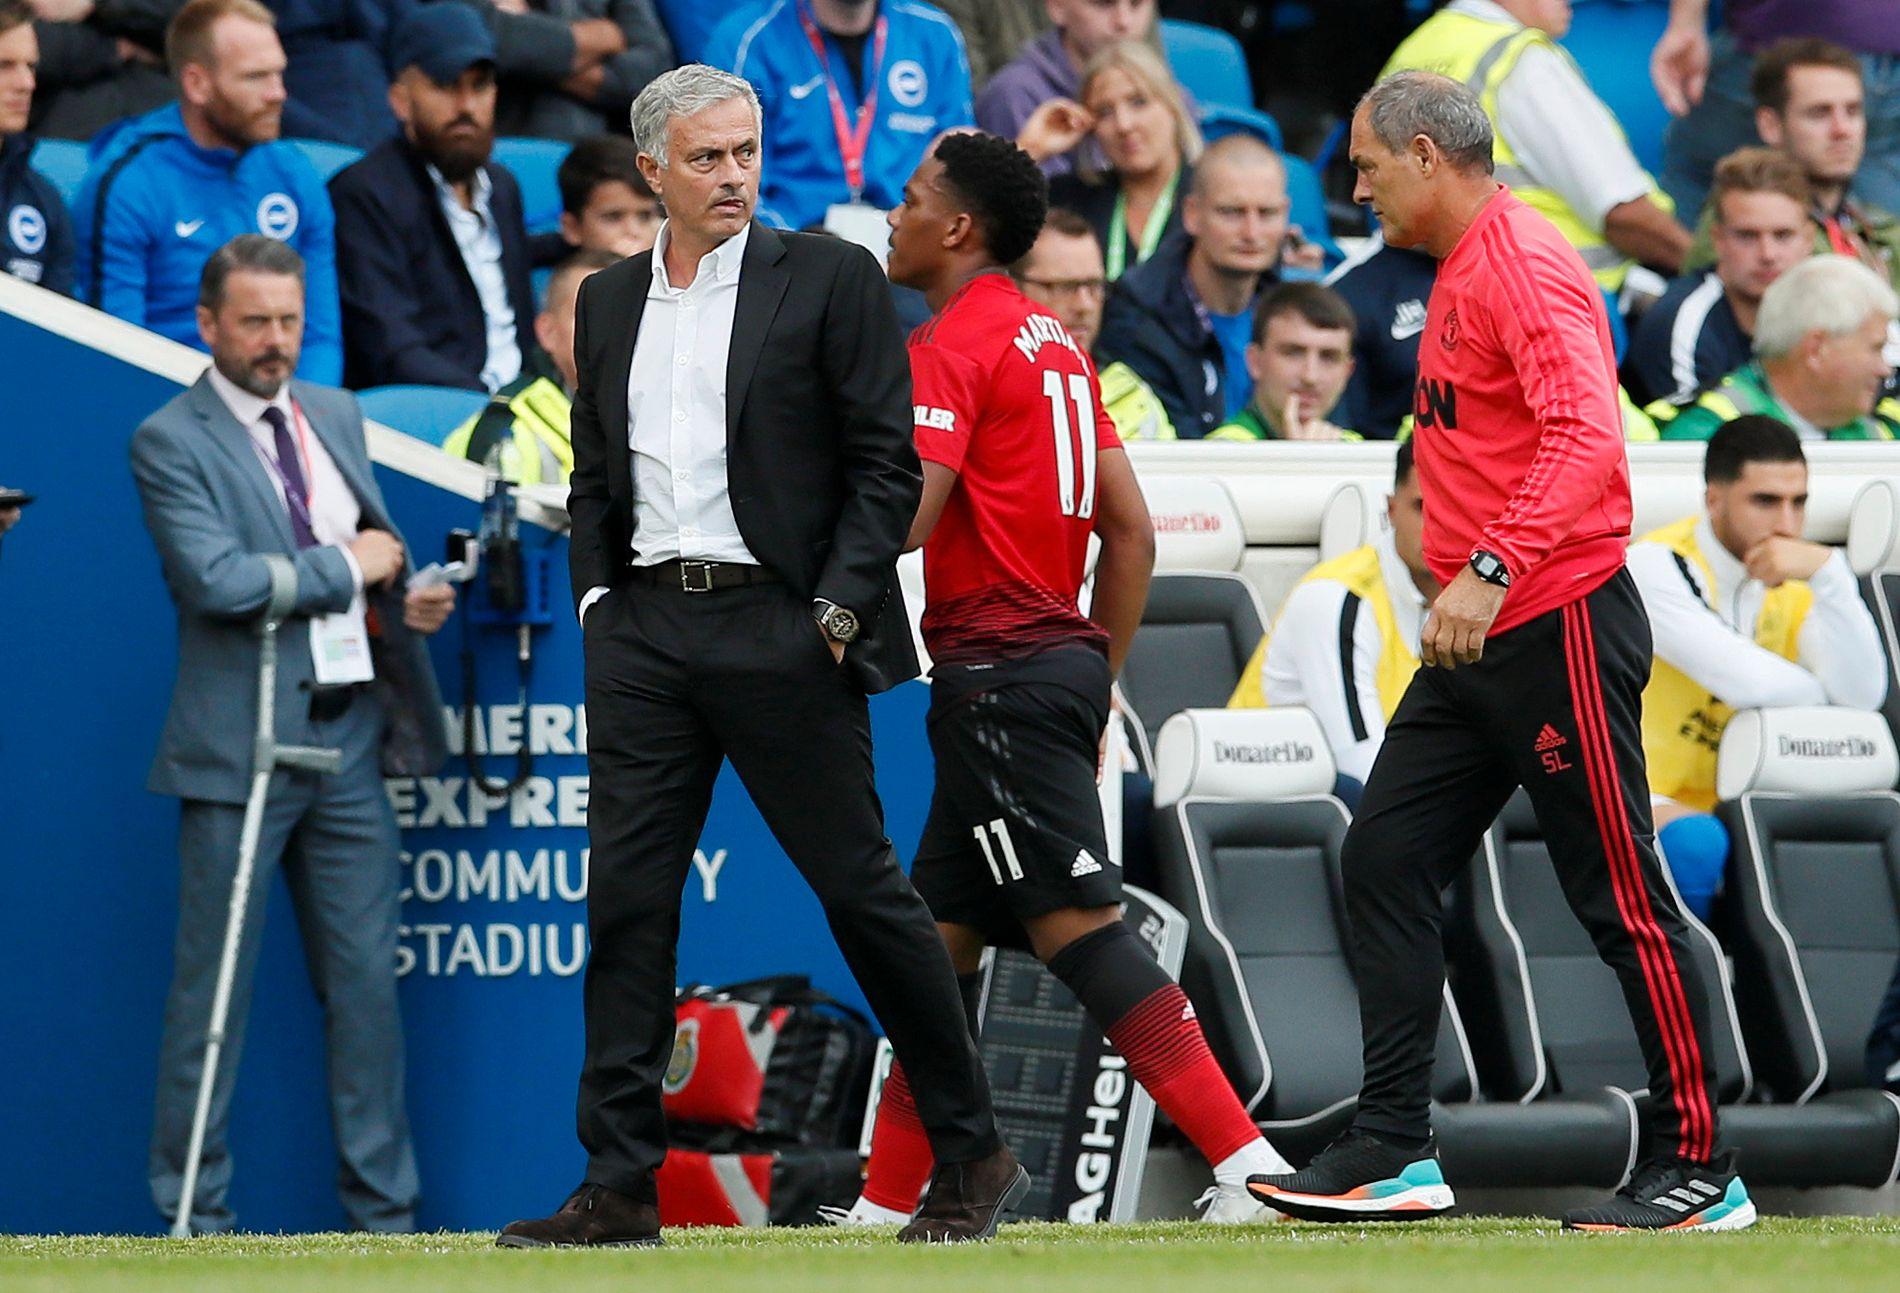 VRAKET: Anthony Martial, som her byttes ut under kampen mot Brighton i andre serierunde, var ikke engang med i kamptroppen til José Mourinho mot Tottenham mandag.